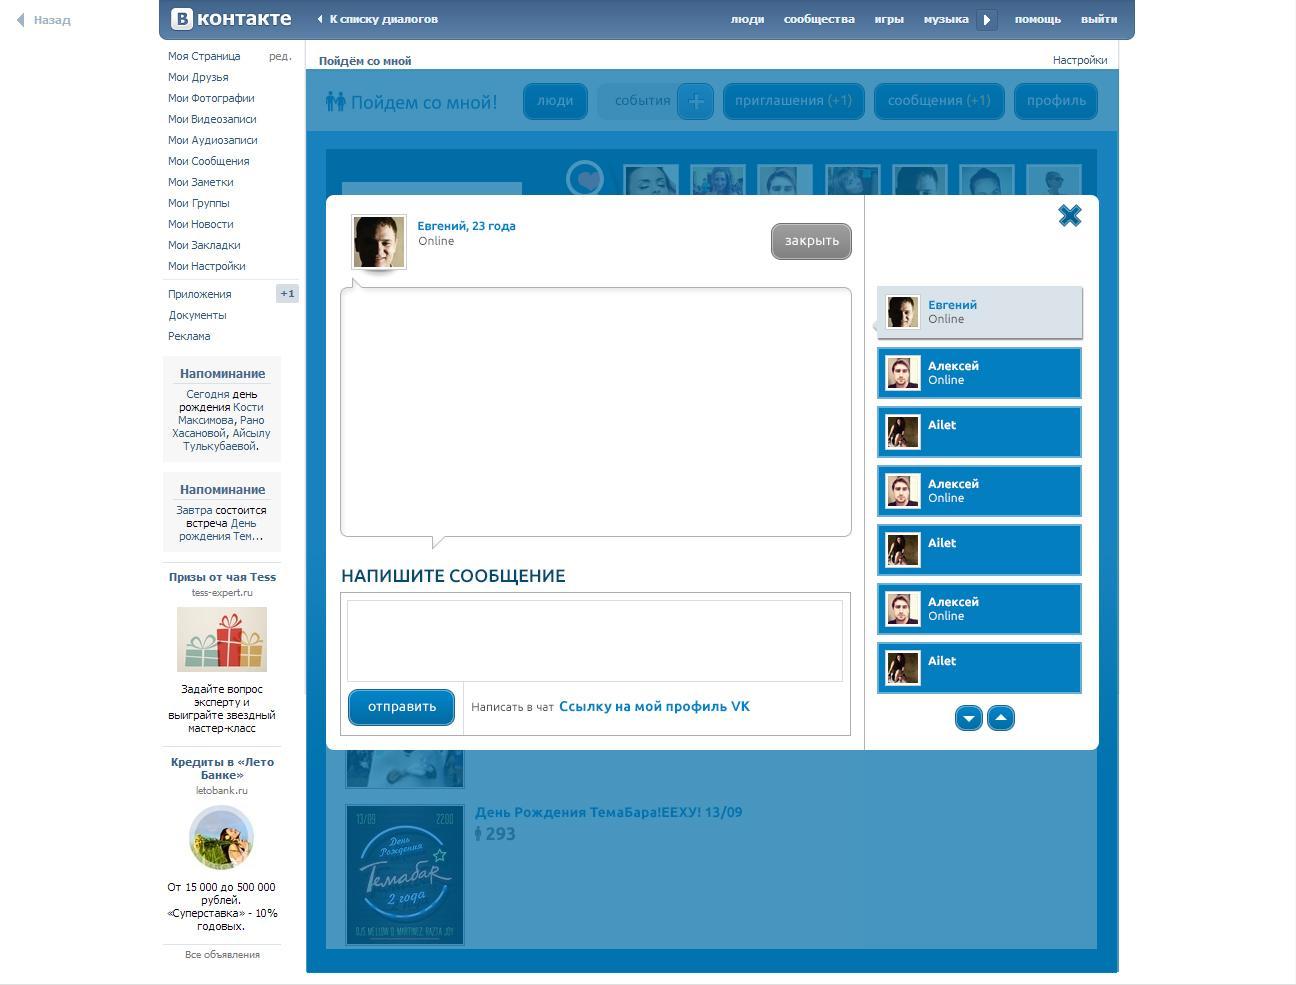 Как сделать ссылку на страницу в Контакте, способы ее узнать и скинуть 68